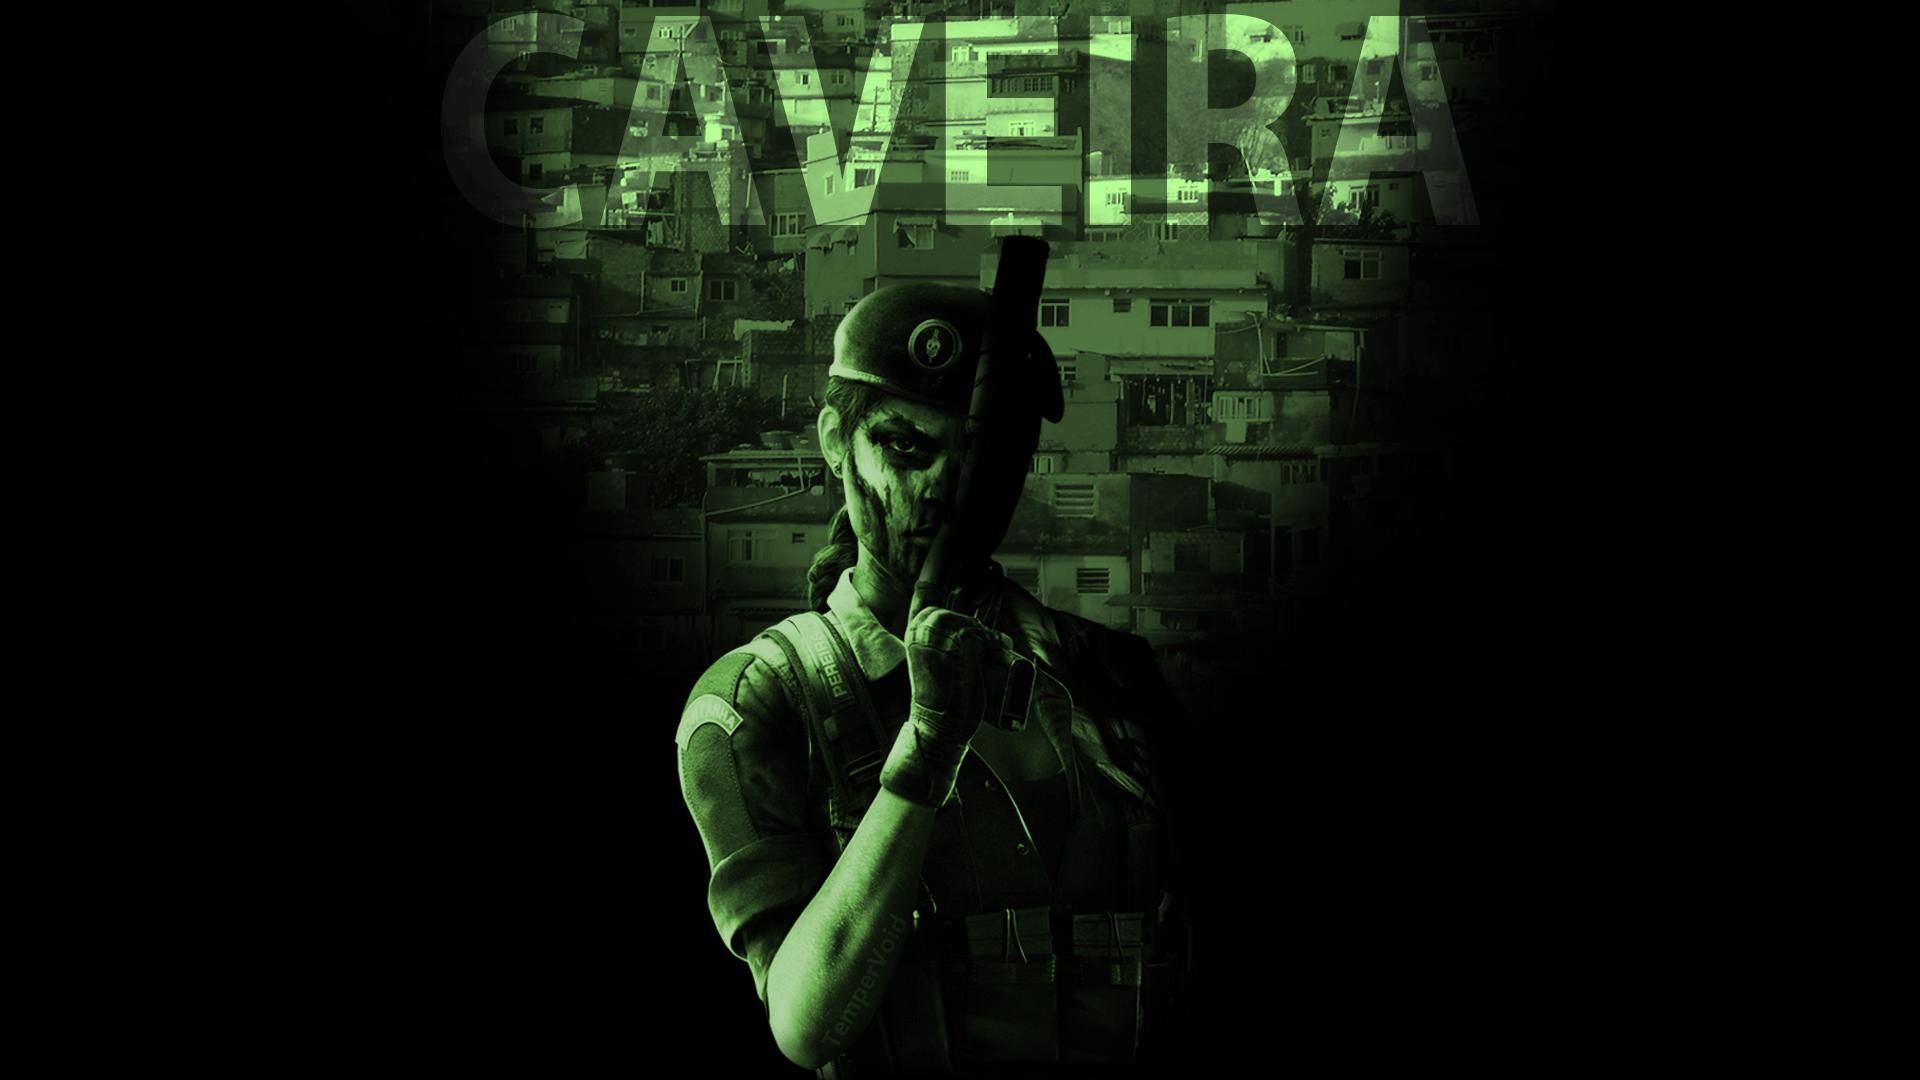 Caveira Wallpapers Top Free Caveira Backgrounds Wallpaperaccess